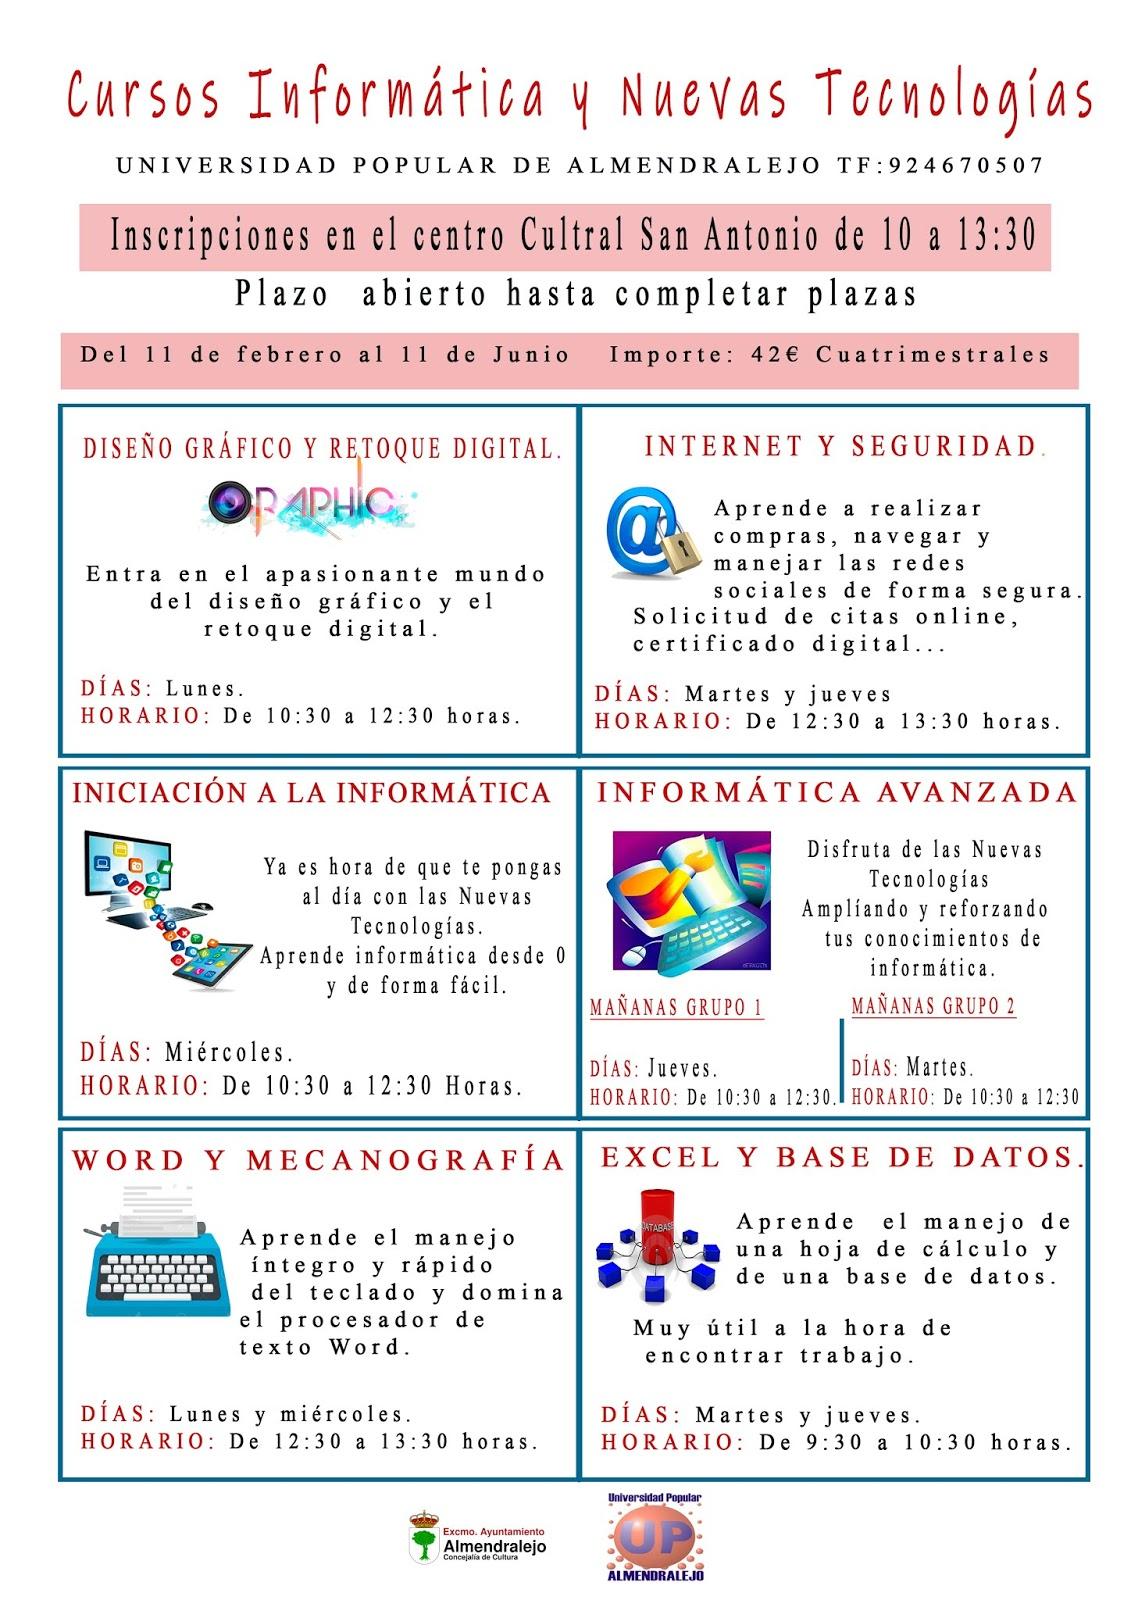 Cursos De Informatica De La Universidad Popular Universidad Popular Almendralejo